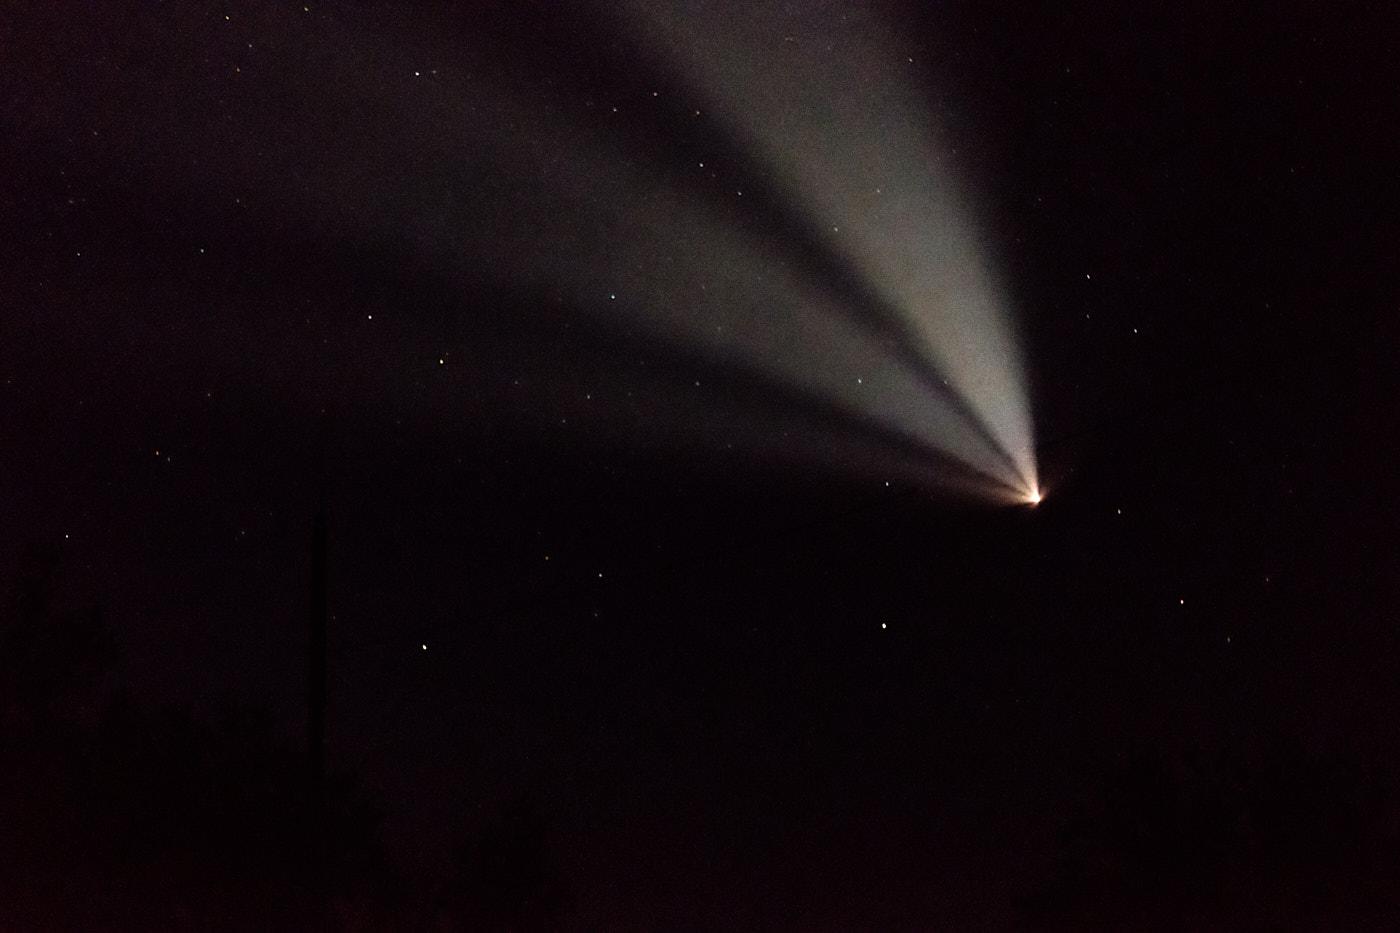 Transit durch Kasachstan - Raketenstart in Baikonur – ein gleißend heller Körper zieht seinen Schweif durch den Nachthimmel .